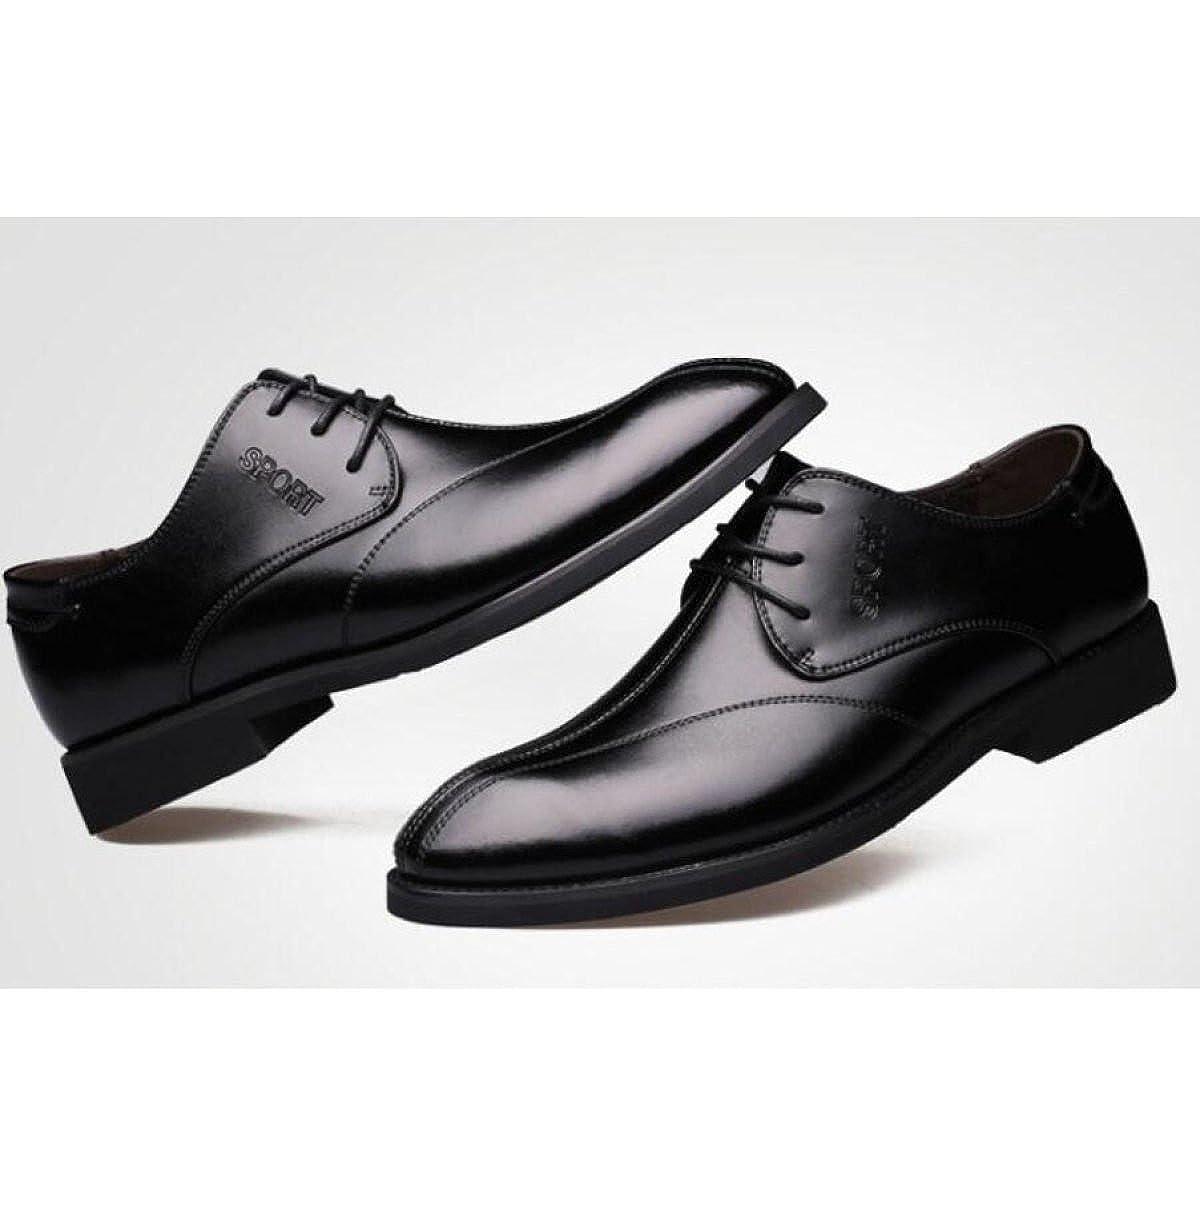 Herren Business-Schuhe Sommer Spitz Kleid Einfarbig Herrenschuhe Spitzenschuhe Hochzeit Kleid Spitz Schuhe schwarz 596247